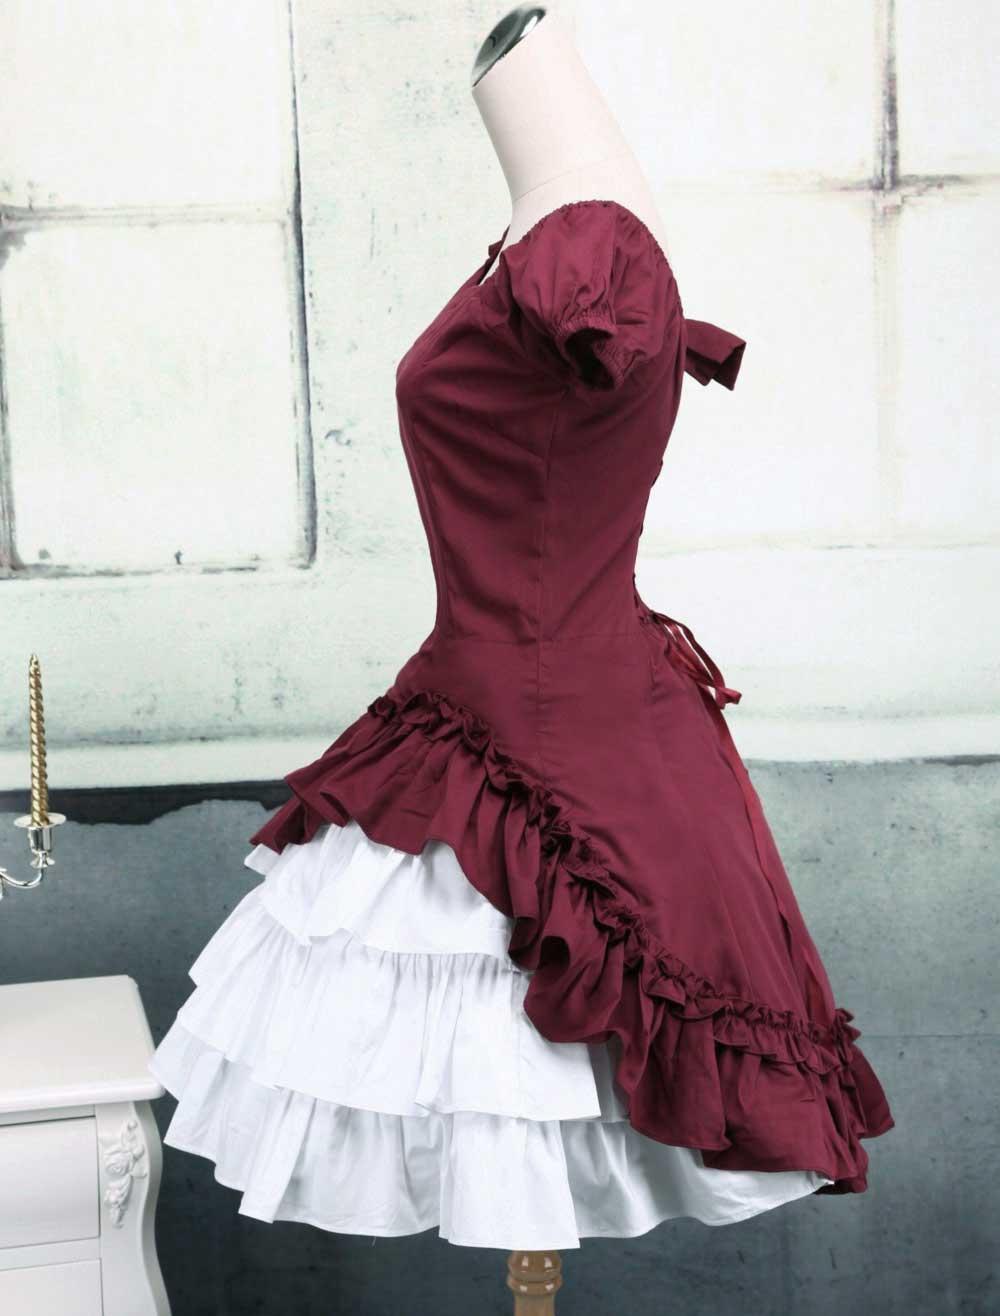 ワイン赤ウィンターロリータopドレス 2019 ショートスリーブフリル付き